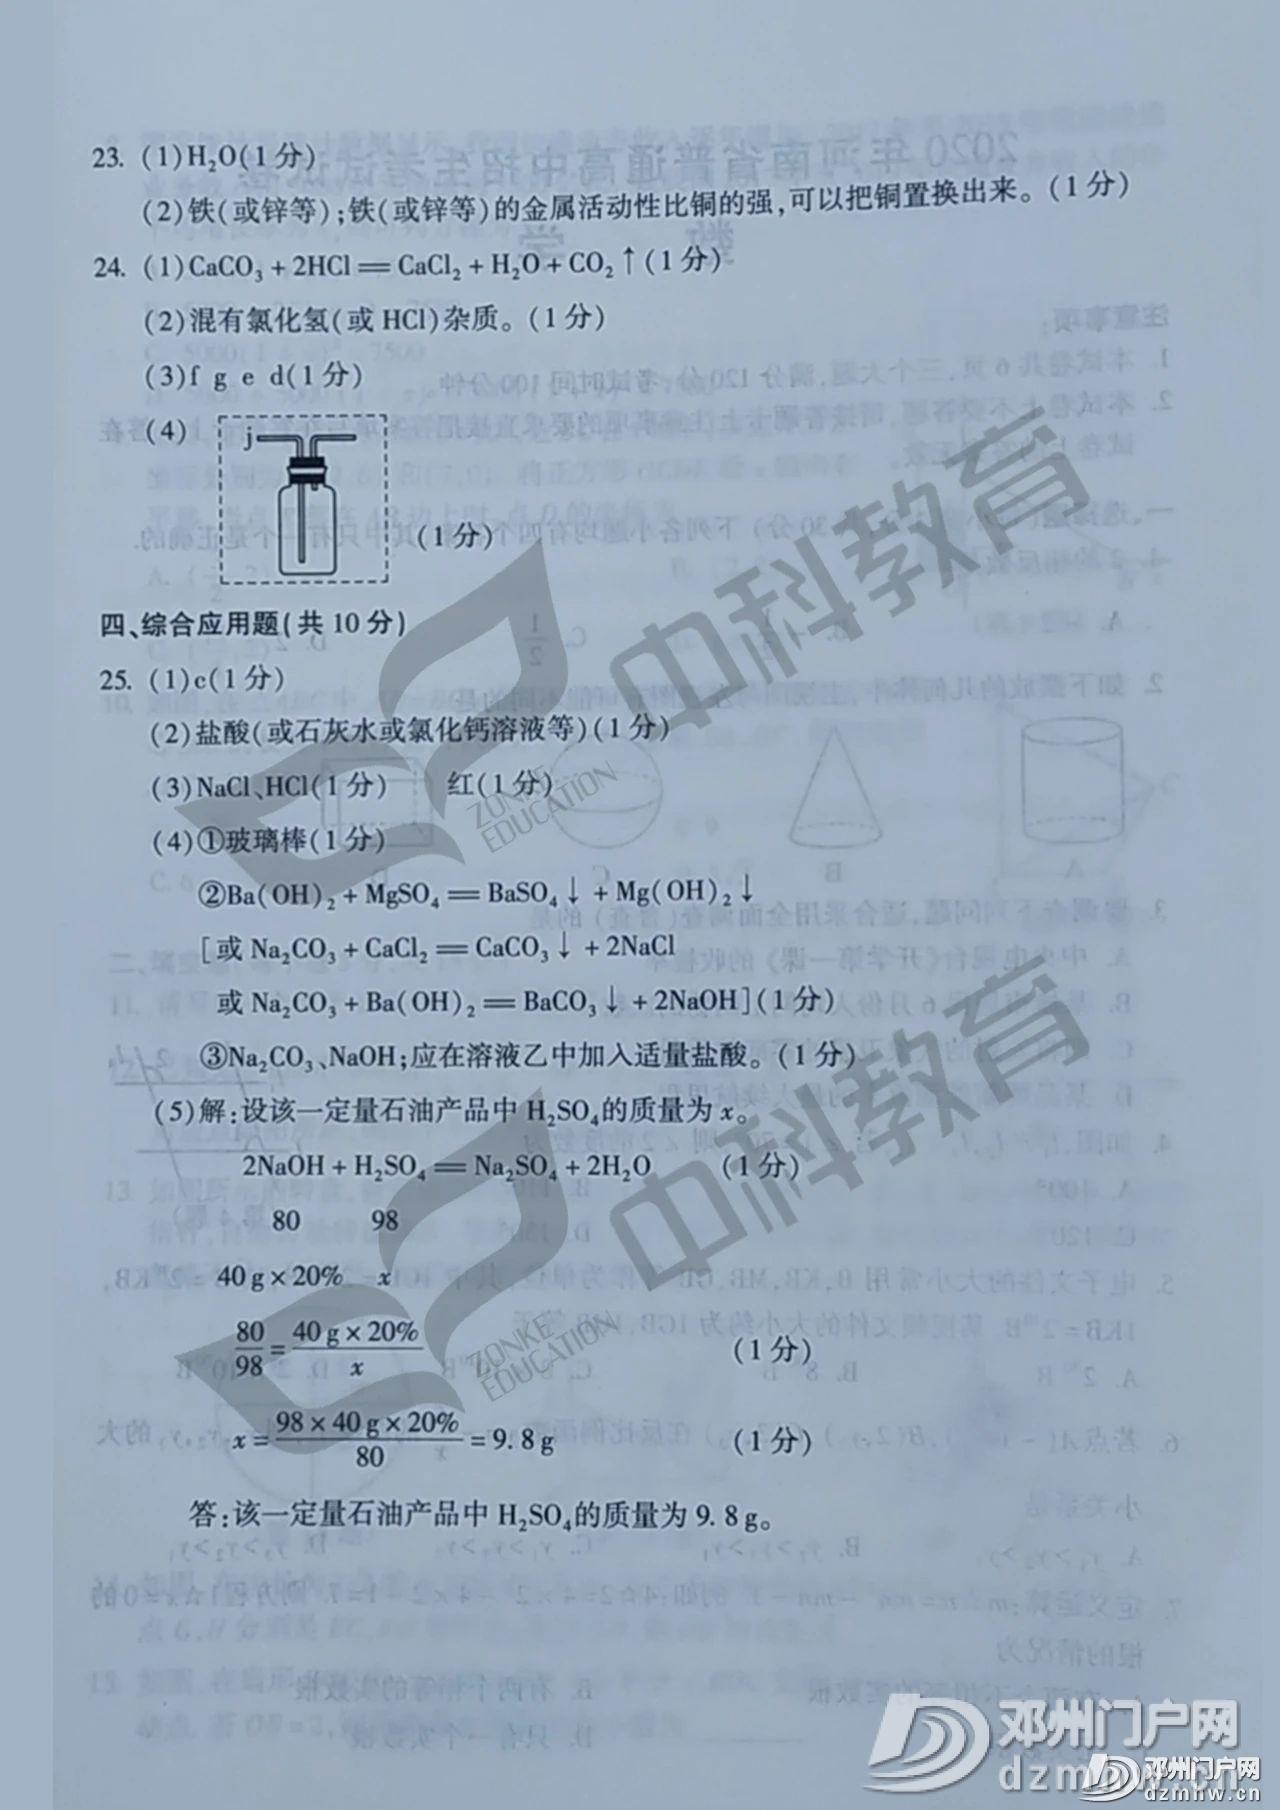 最新!邓州2020年中招各科试题及答案公布,请转发给身边的初三学生家长! - 邓州门户网|邓州网 - 4d9aa68195e5109ab5937c2f3d45bf57.jpg